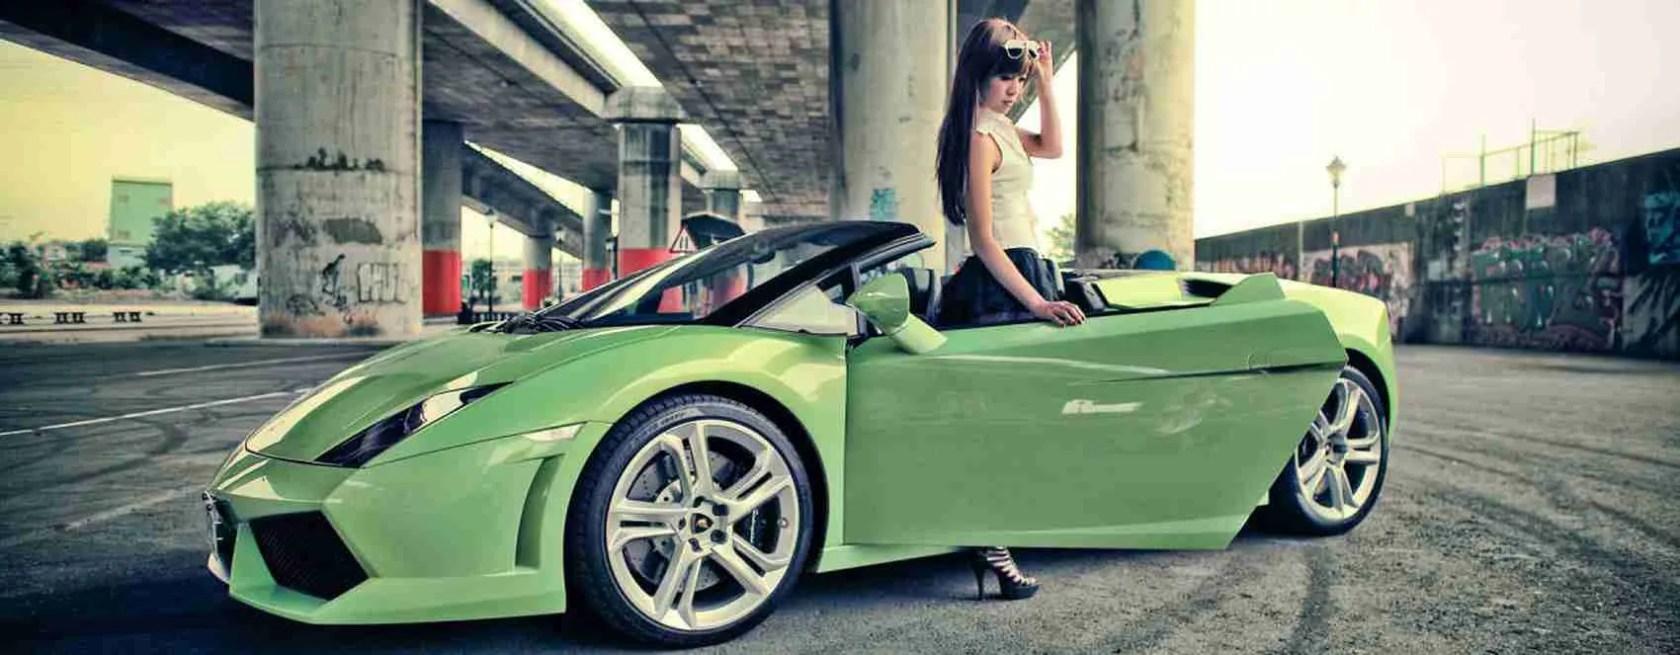 Modena è la città delle escort Modena e della Ferrari e della Lamborghini. Un connubio perfetto. Magica Escort